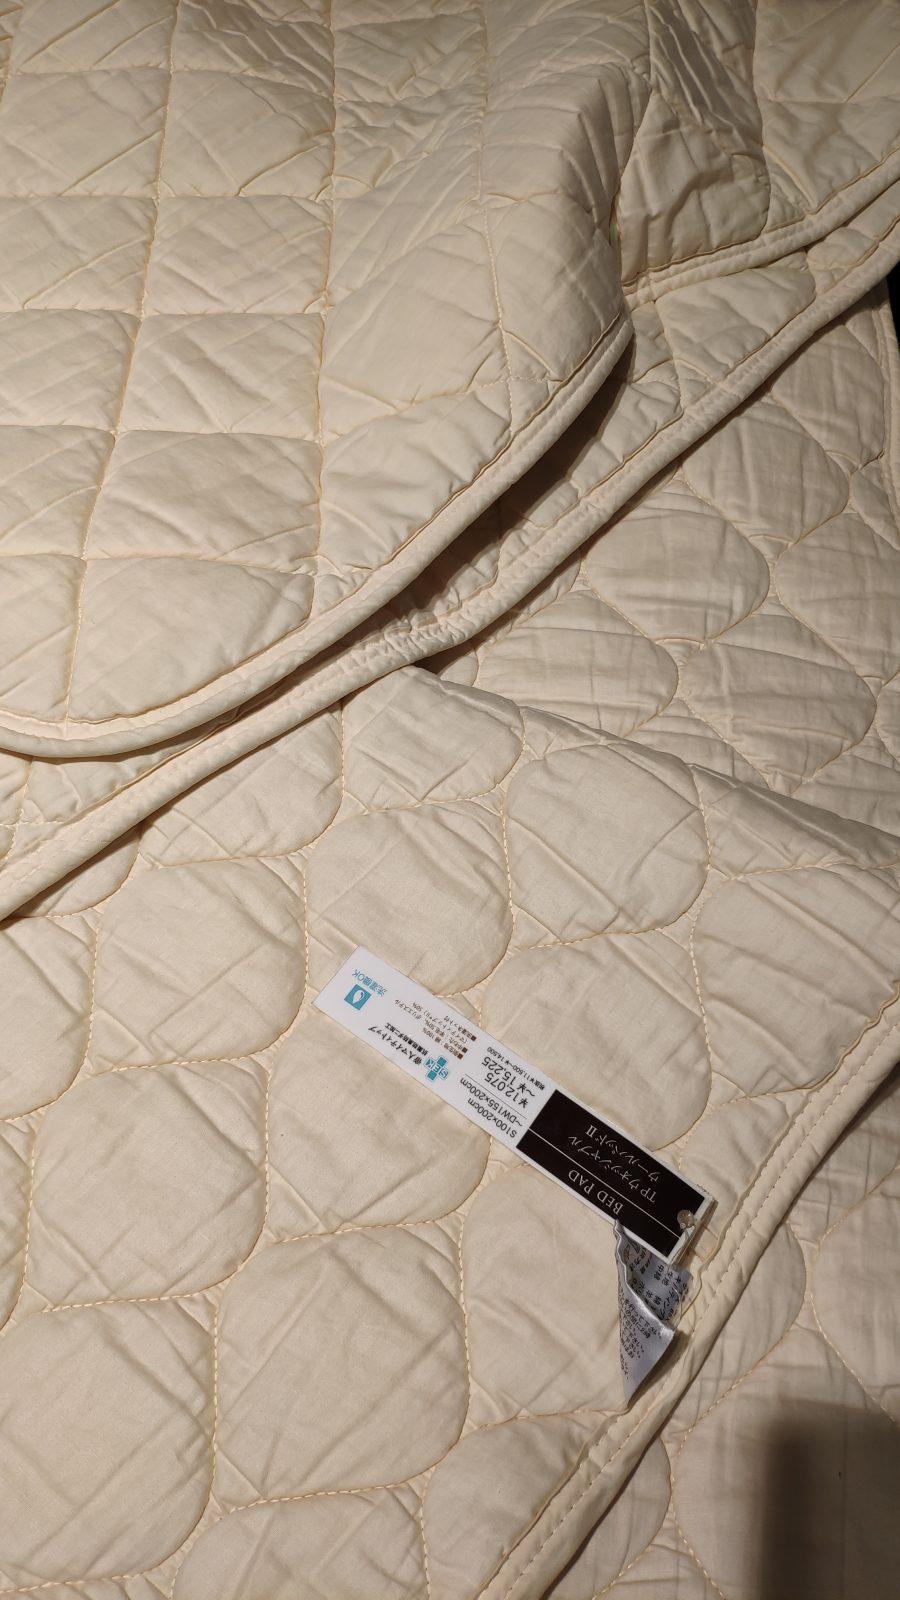 ベッドパッドはコットンとウールの2種類がありました